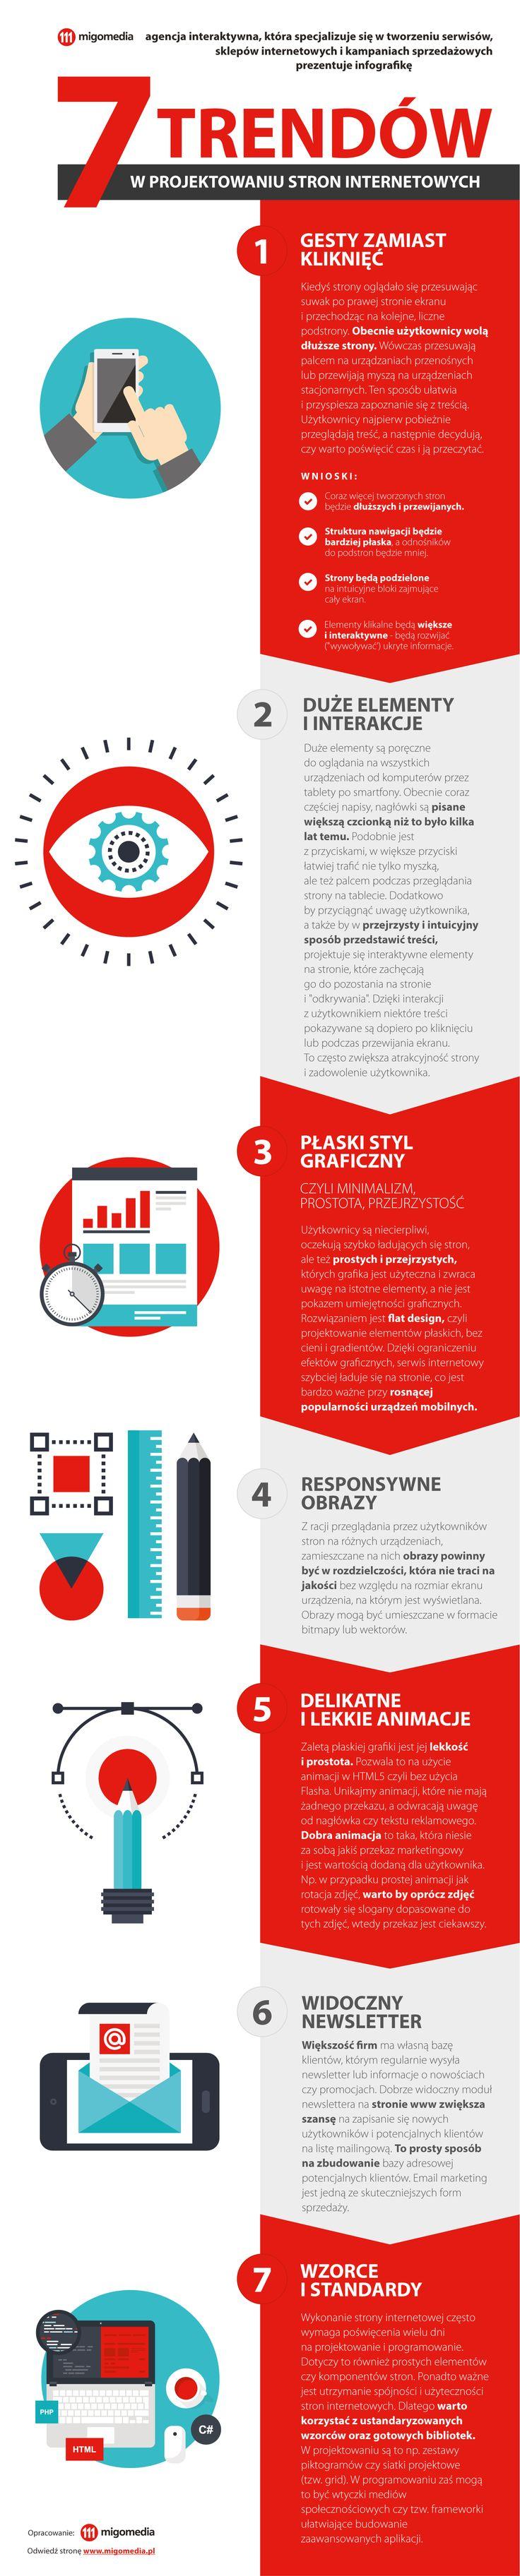 Infografika - 7 trendów w projektowaniu stron internetowych. Z uwagi na rozwój i rosnącą popularność urządzeń mobilnych zmieniają się  zachowania i oczekiwania użytkowników co do wyglądu i funkcjonalności stron. Warto wiedzieć jak podnieść atrakcyjność i użyteczność serwisu www. Udowodniono, że nowoczesna i atrakcyjna strona internetowa  sprawia, że firma jest postrzegana jako lider w branży. #migomedia #infografika #www